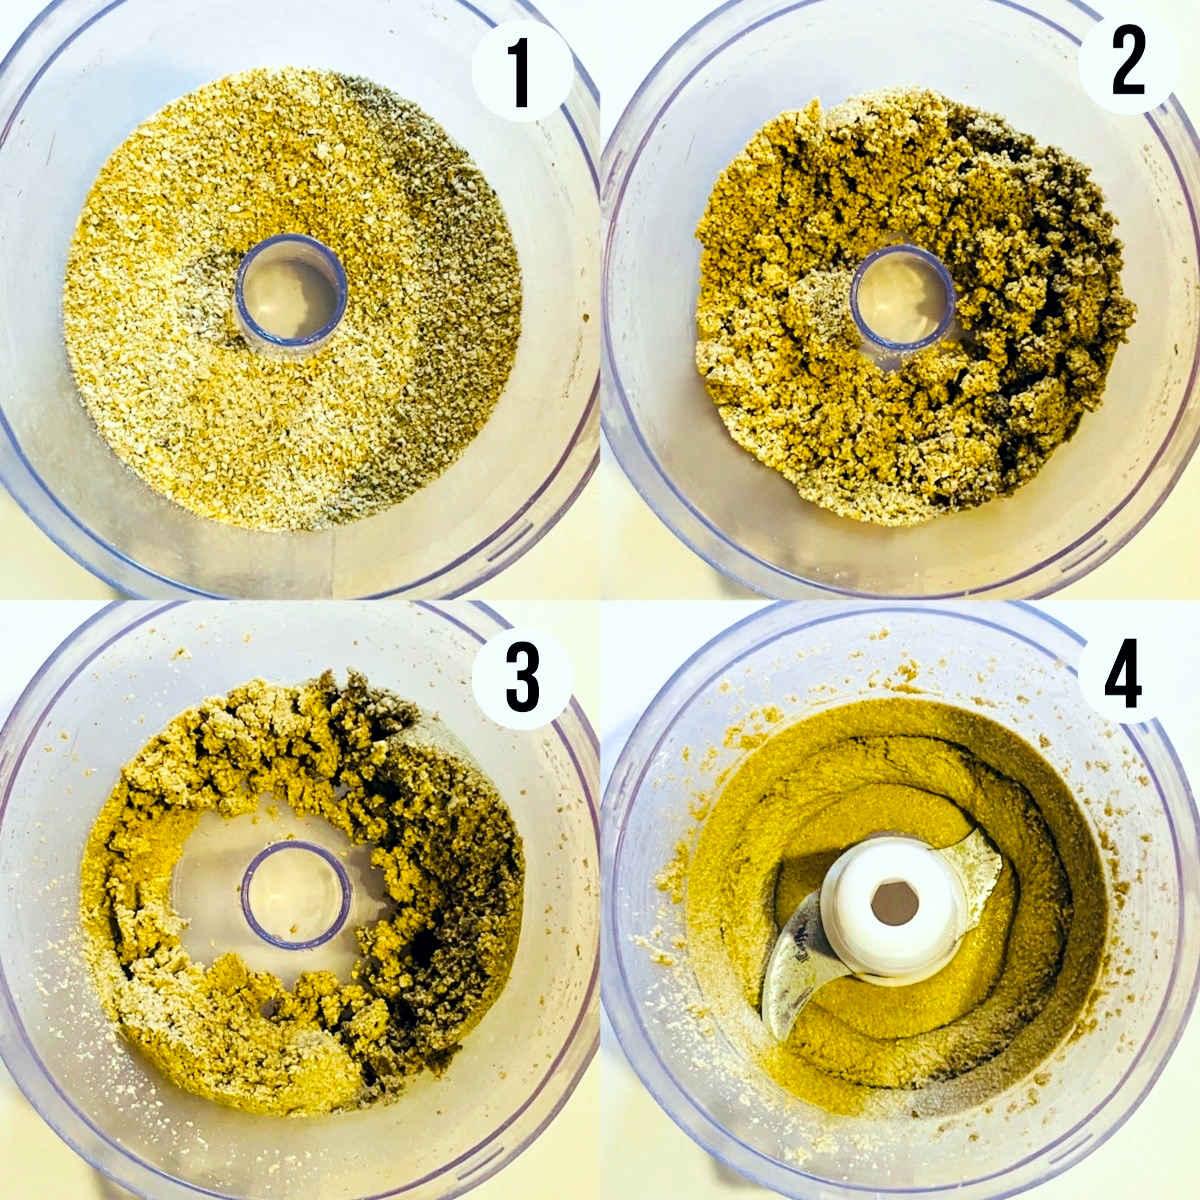 pumpkin seed butter process shots 1 through 4